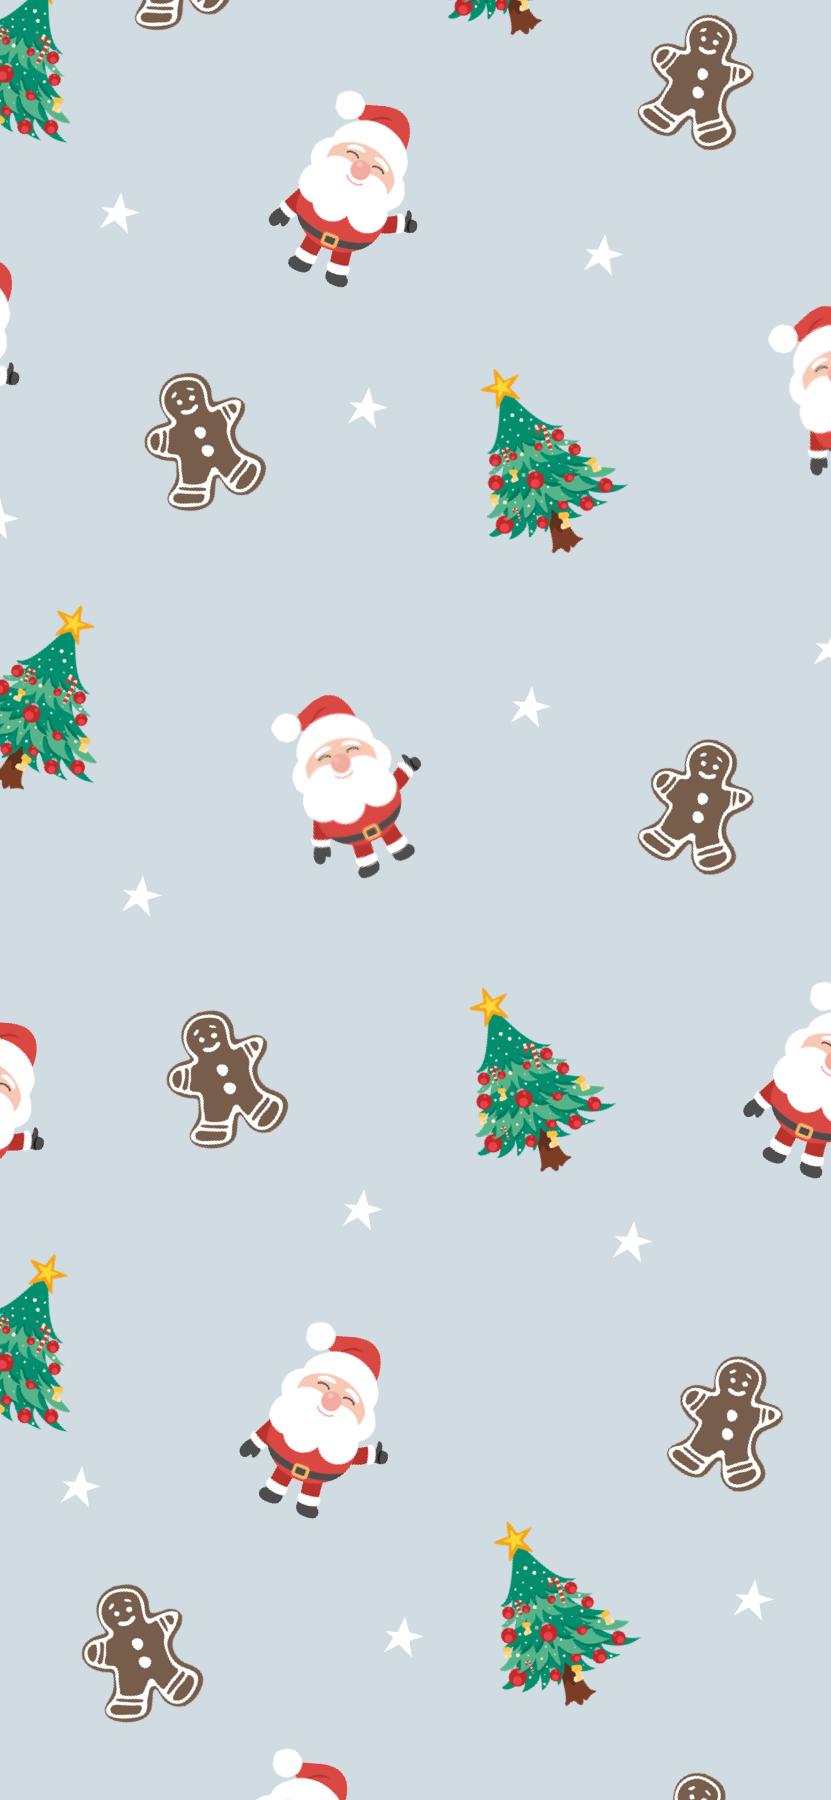 Lock Screen Christmas Phone Wallpaper Cute Christmas Wallpaper Xmas Wallpaper